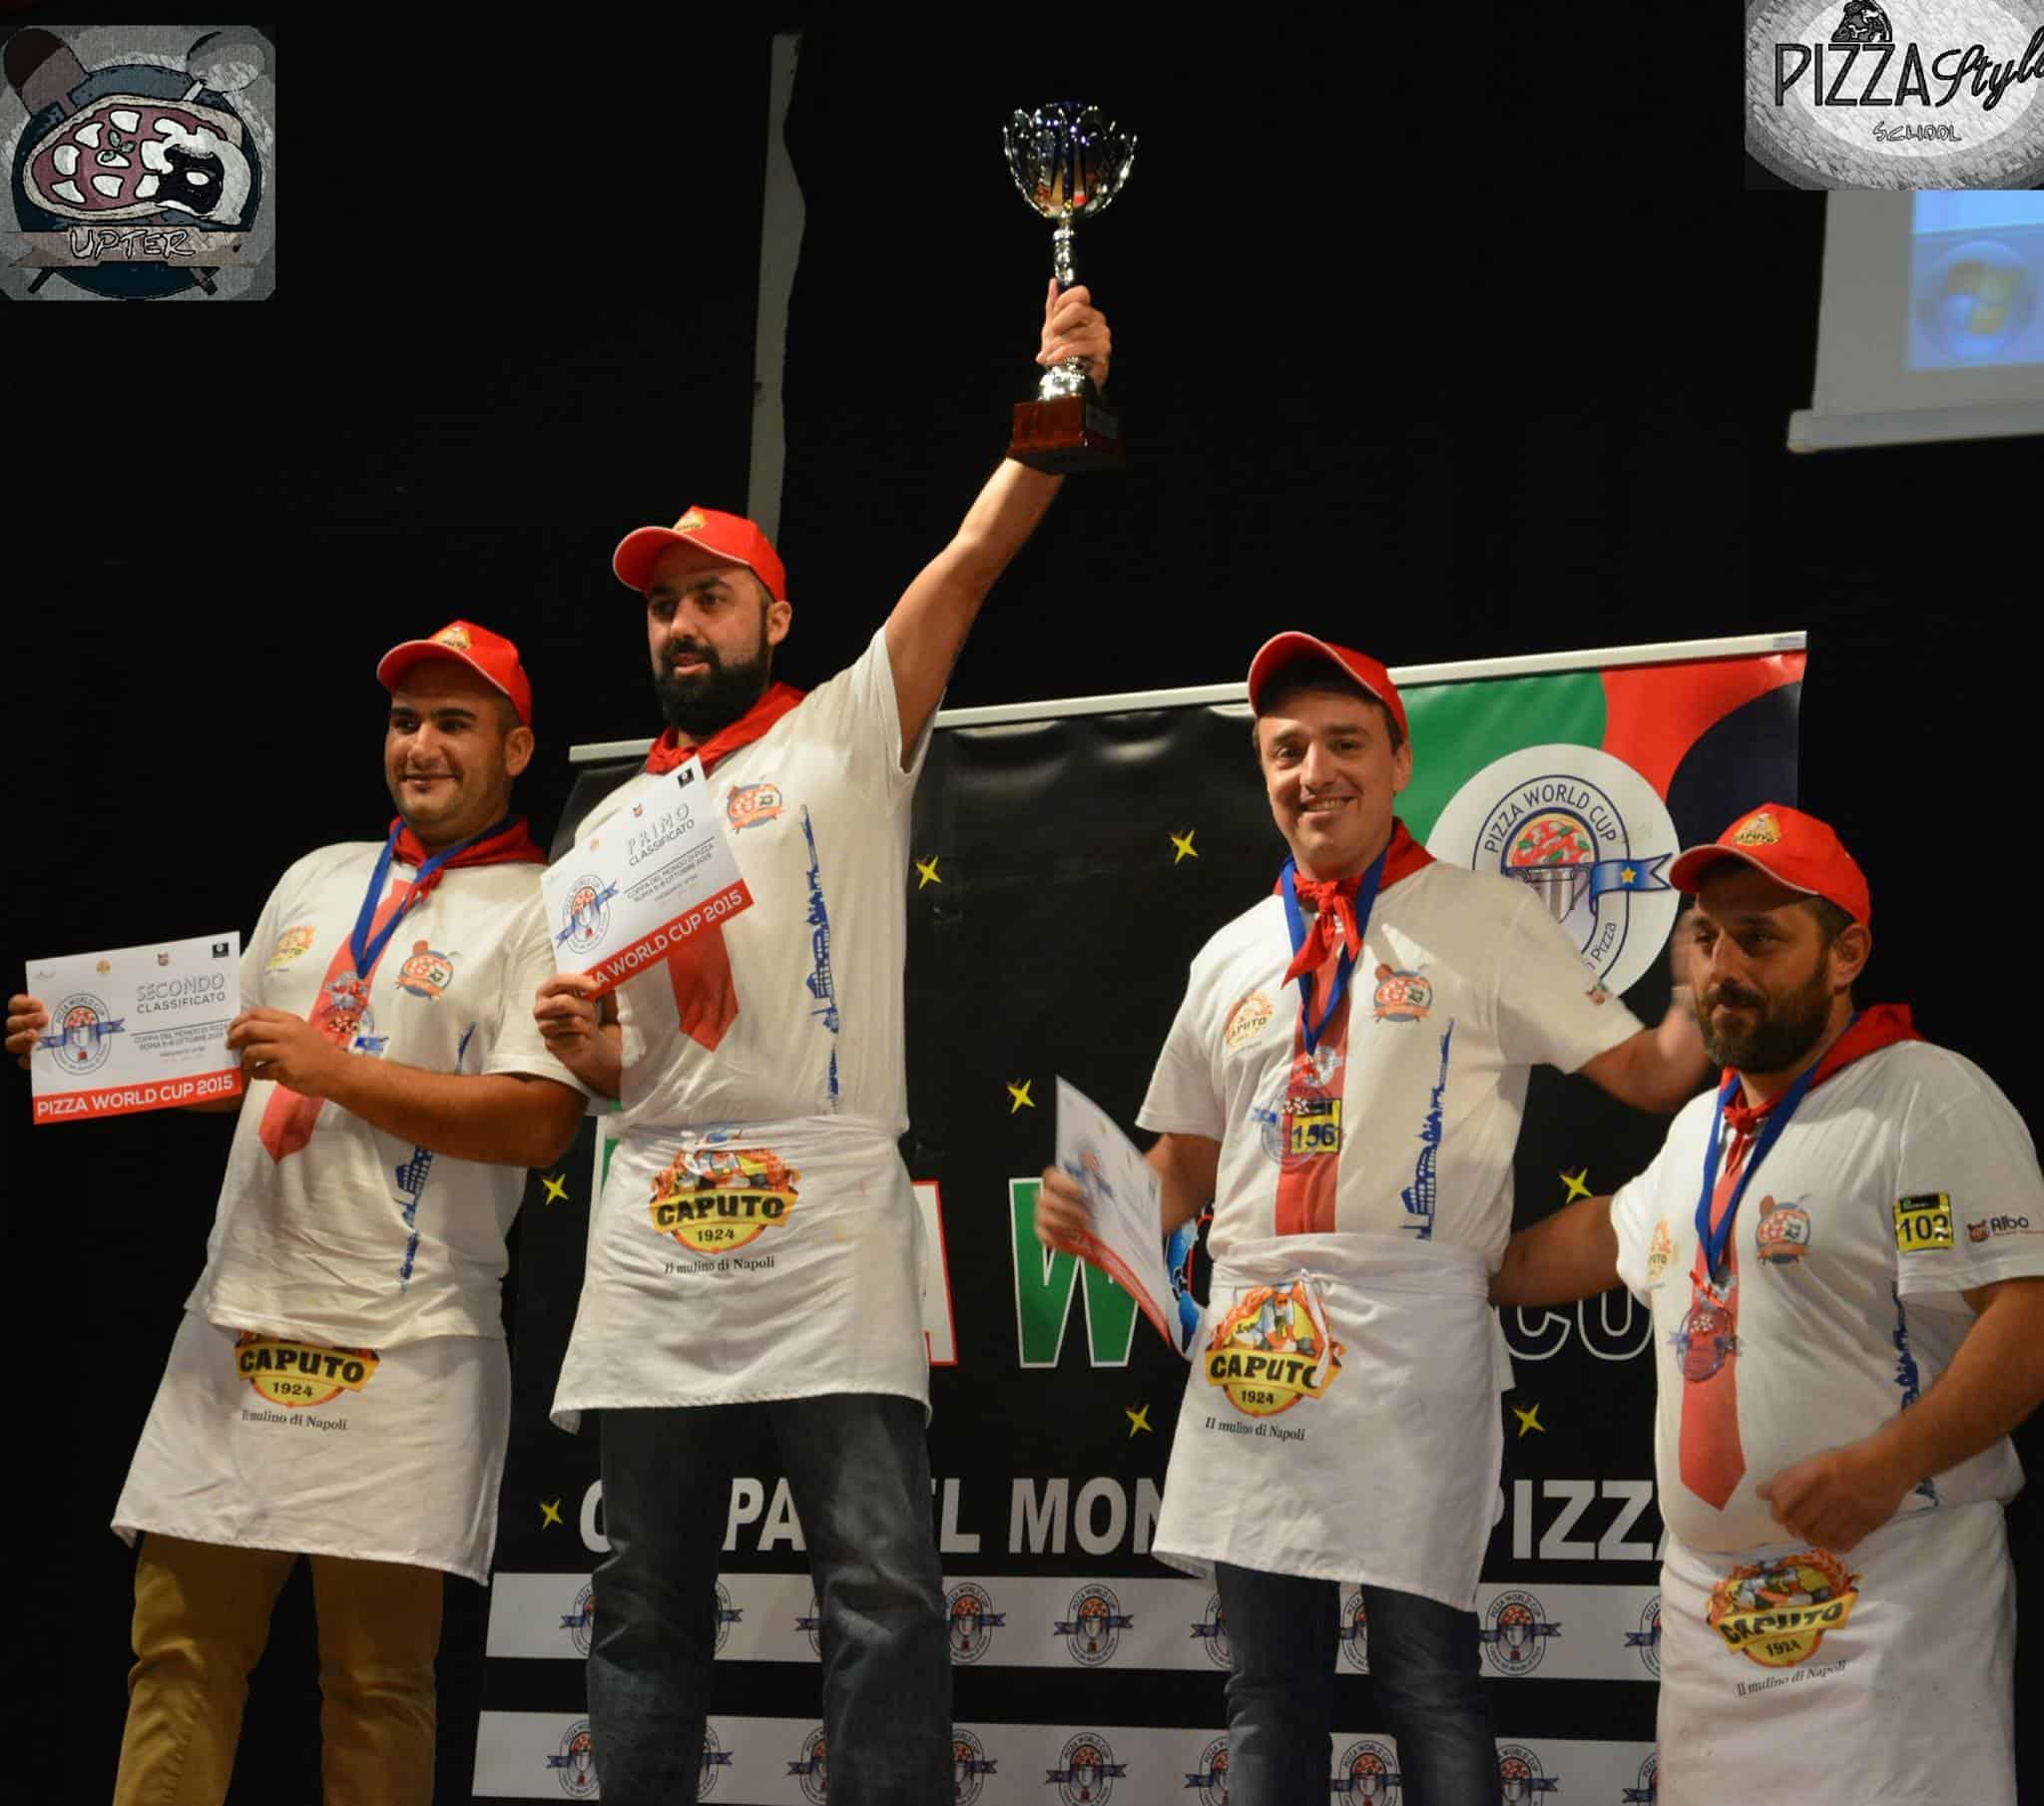 Nizar El Hajjaoui (Escobar), le Champion du Monde de la pizza, est Luxembourgeois !